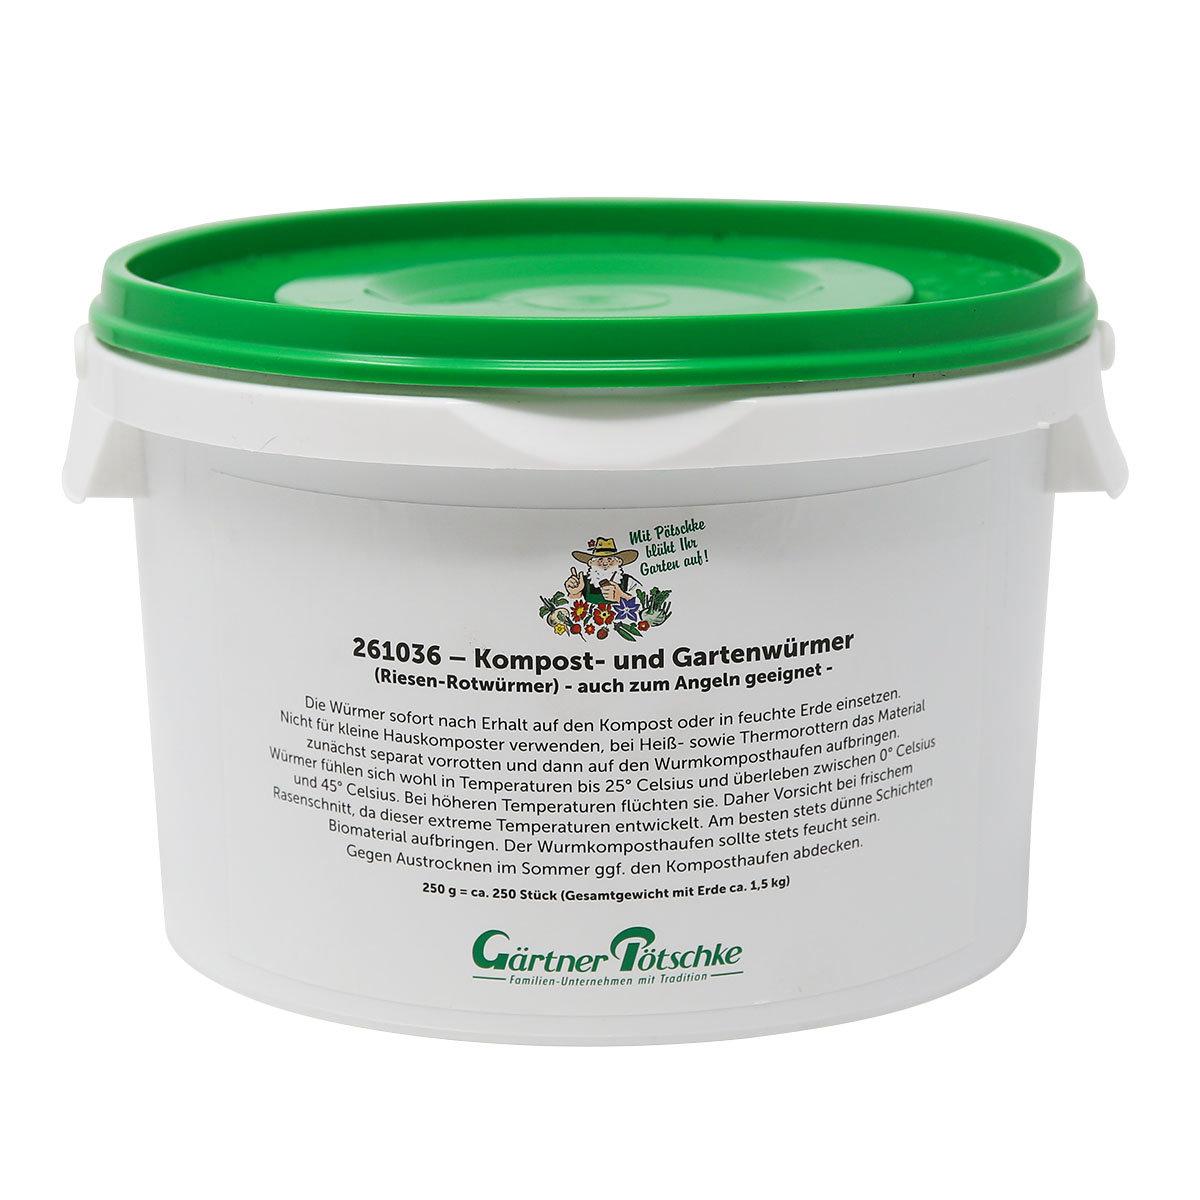 Kompost- und Gartenwürmer, 250 g